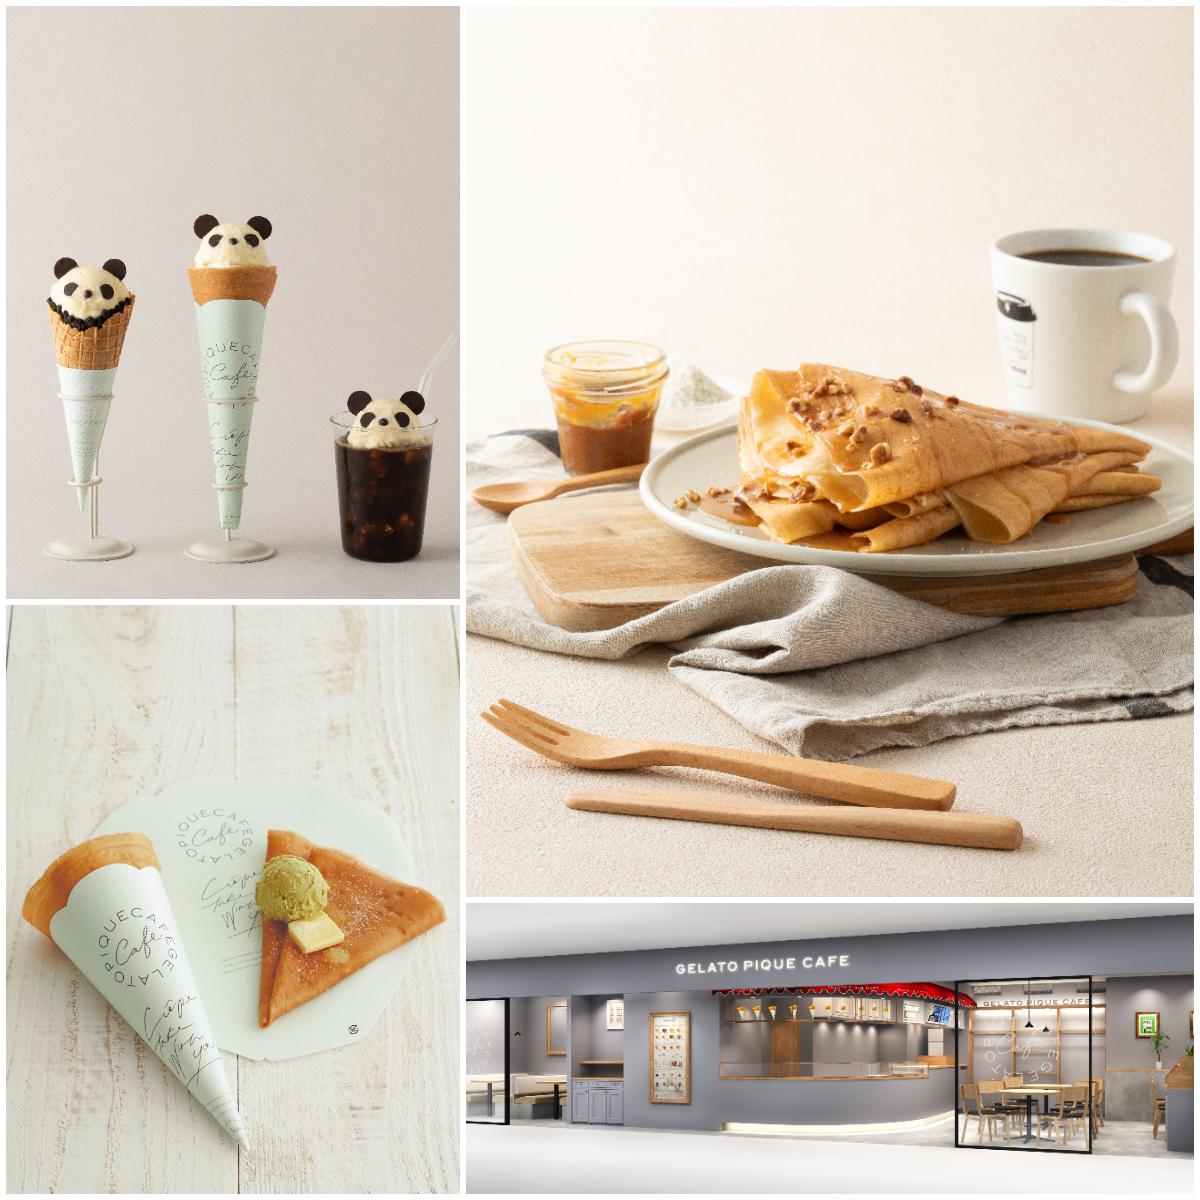 【9/16OPEN】gelato pique cafe 香林坊アトリオ店